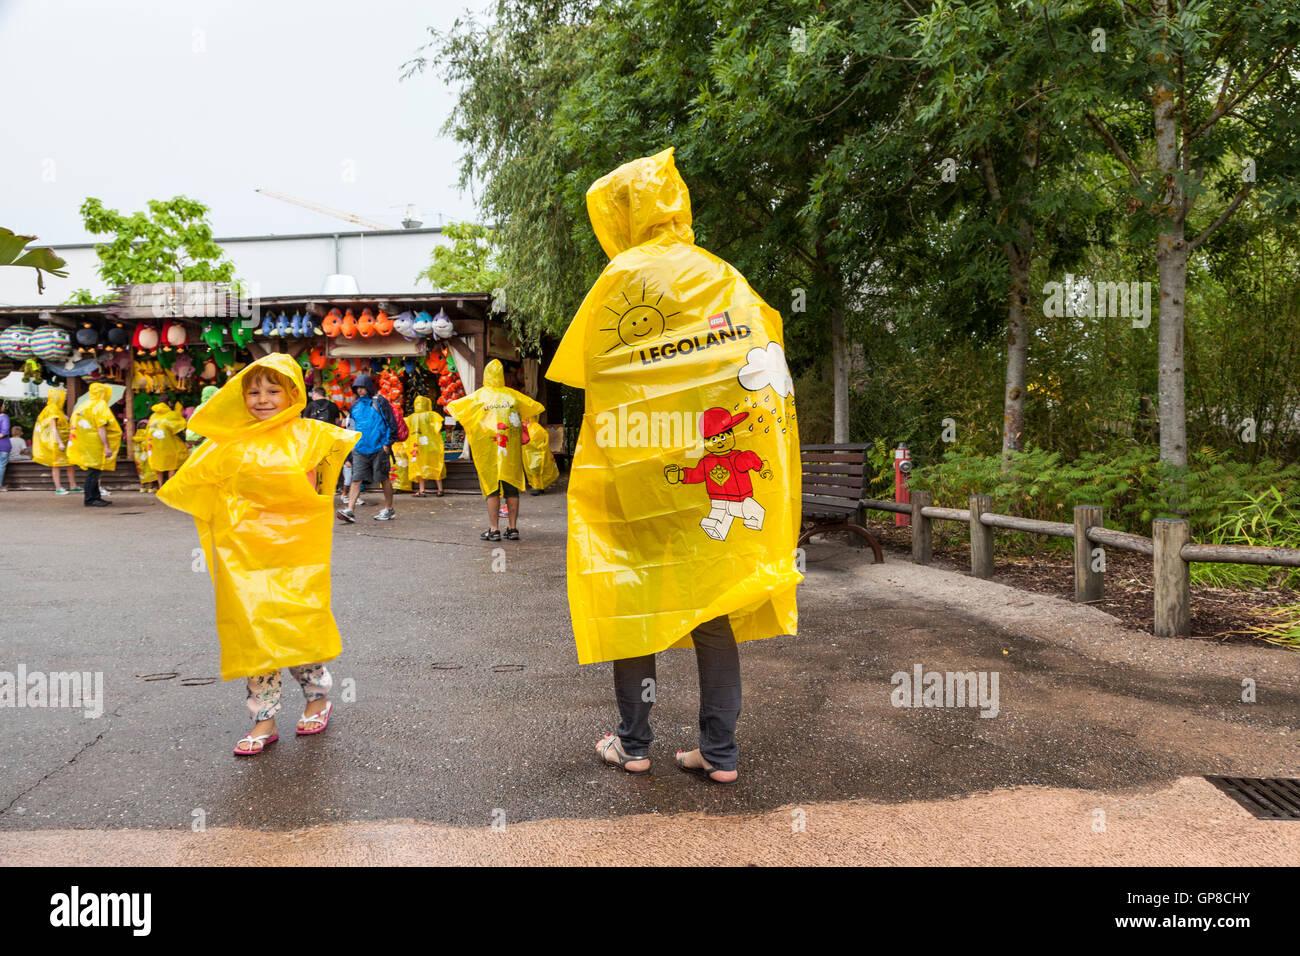 Family wearing yellow Legoland Ponchos - Stock Image